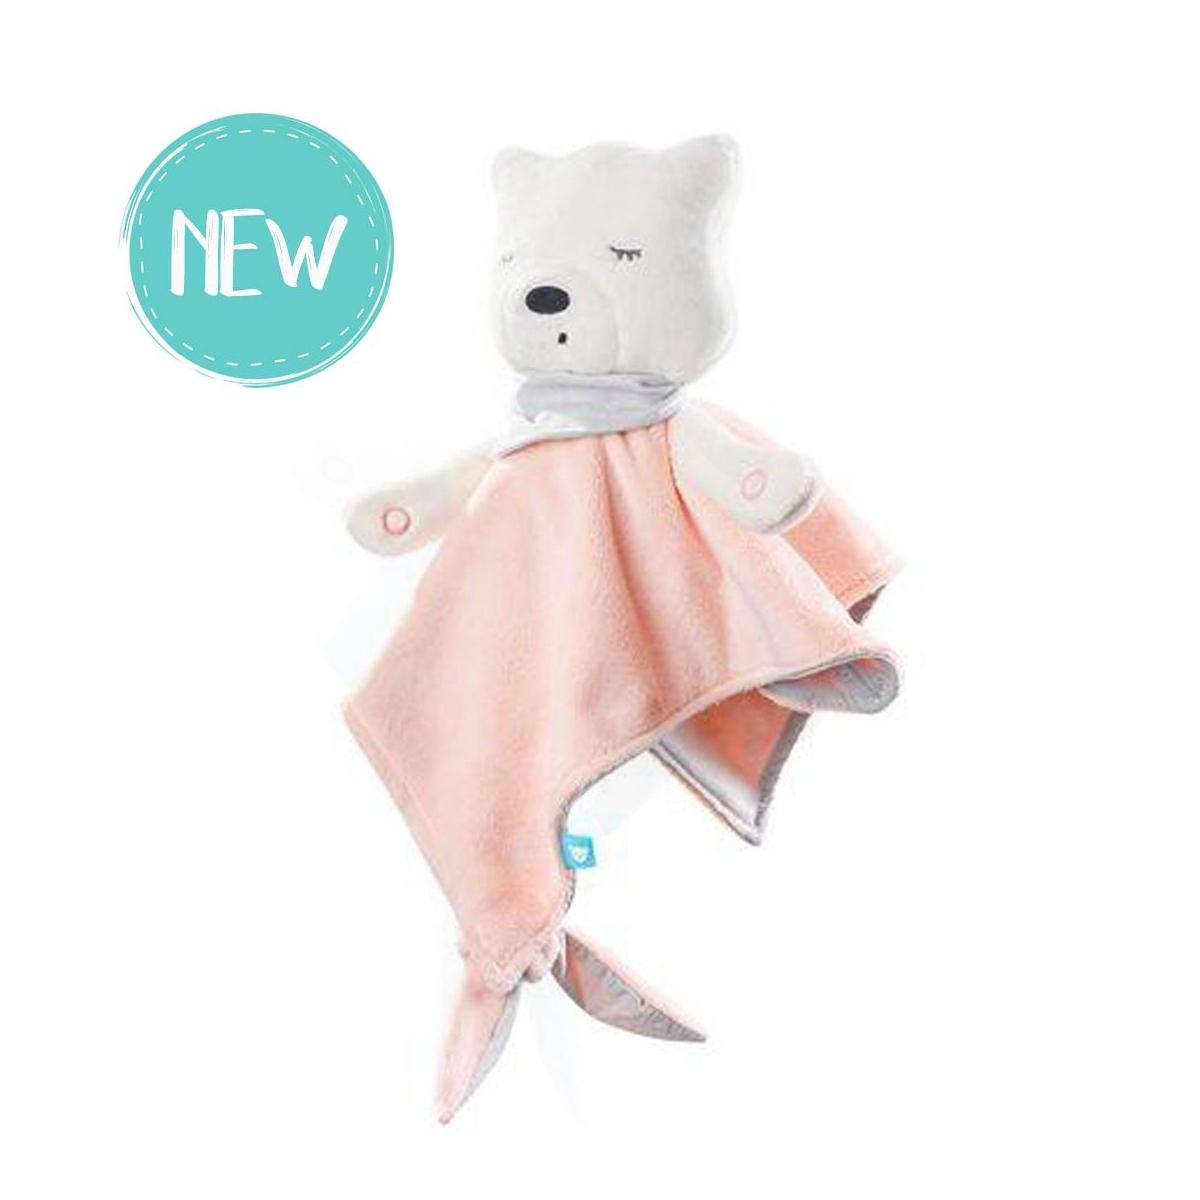 myHummy Doudou Sleep Sensor-Pink (NEW)